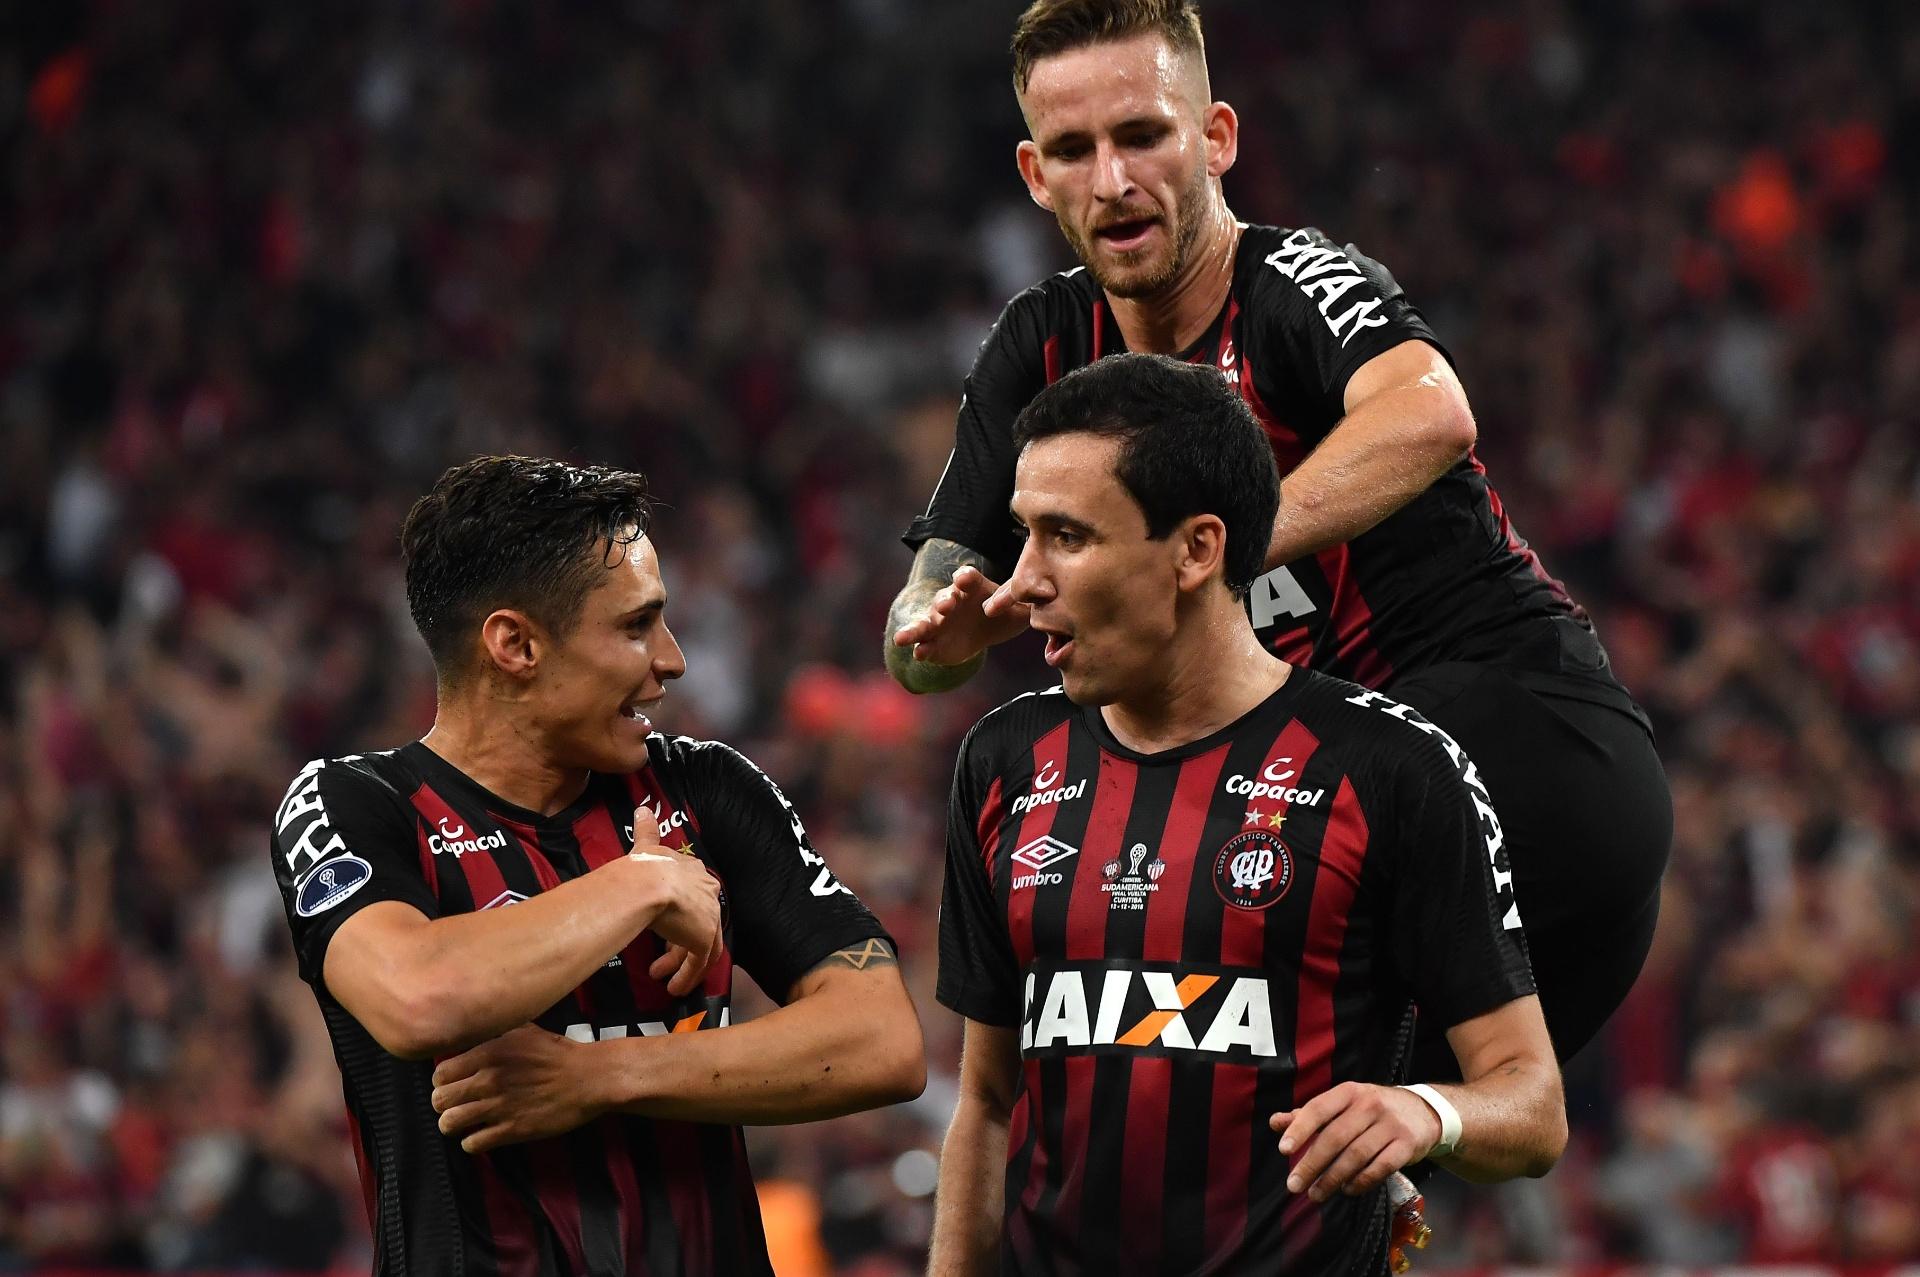 Por que Sul-Americana é título mais importante da história do Atlético-PR   - Esporte - BOL 525ddbcebca51